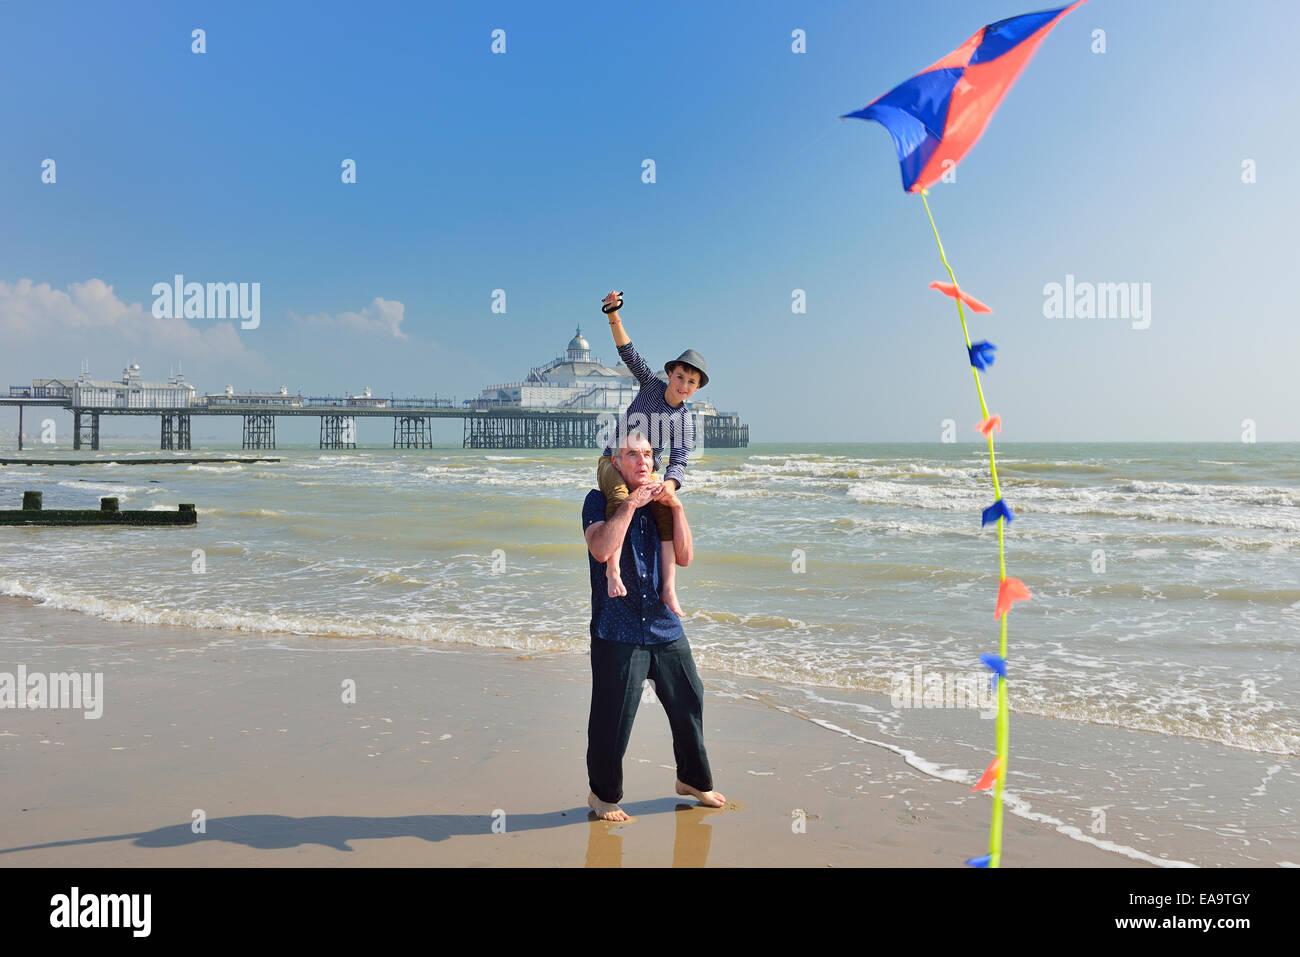 Avô com o neto de voar um kite na praia em Eastbourne. East Sussex. Reino Unido Imagens de Stock